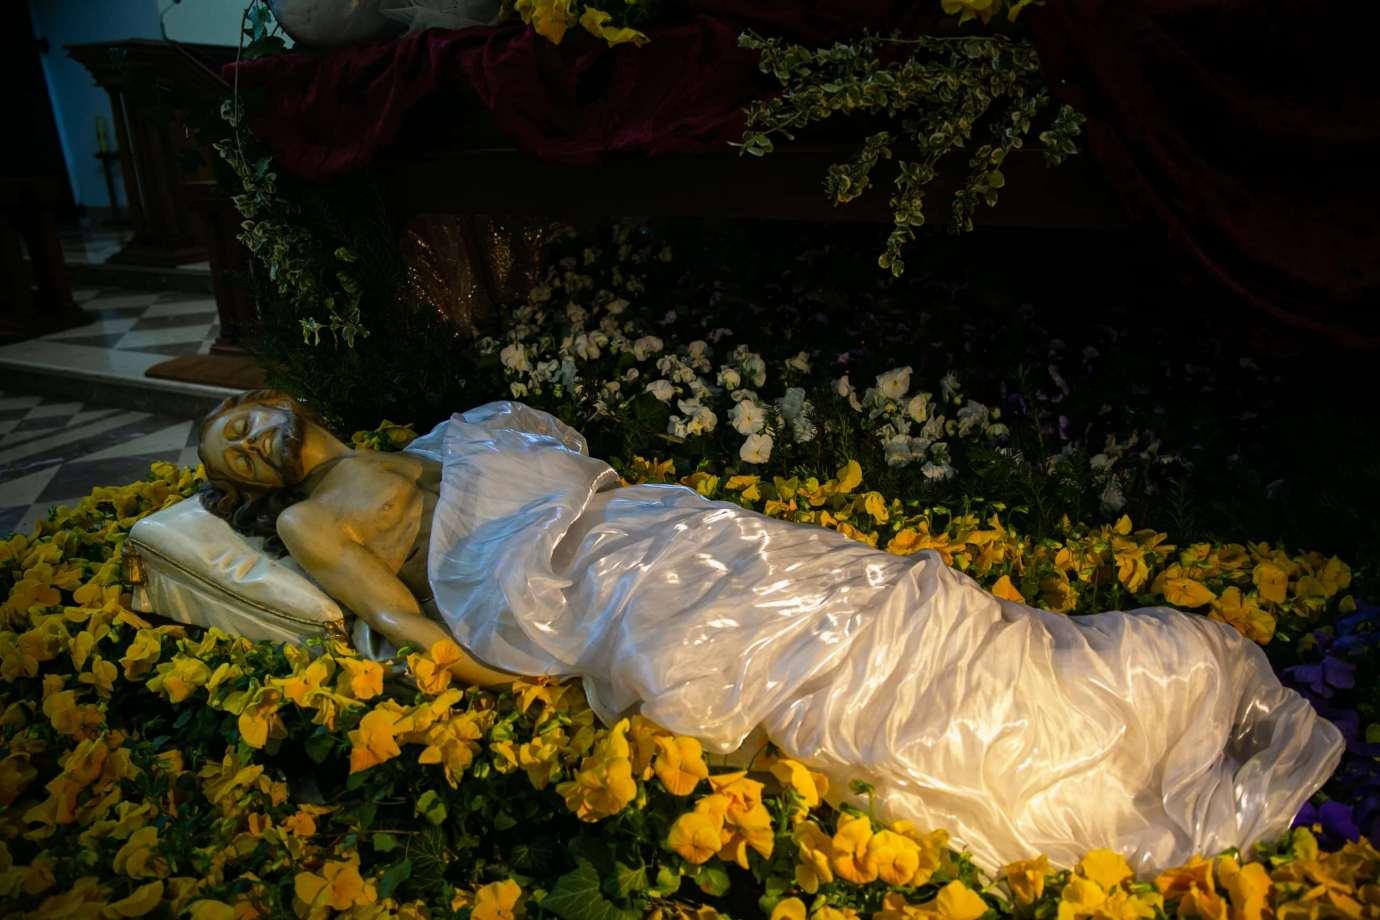 kosciol rektoralny pw sw katarzyny w zamosciu 6 Zdjęcia grobów pańskich w zamojskich świątyniach